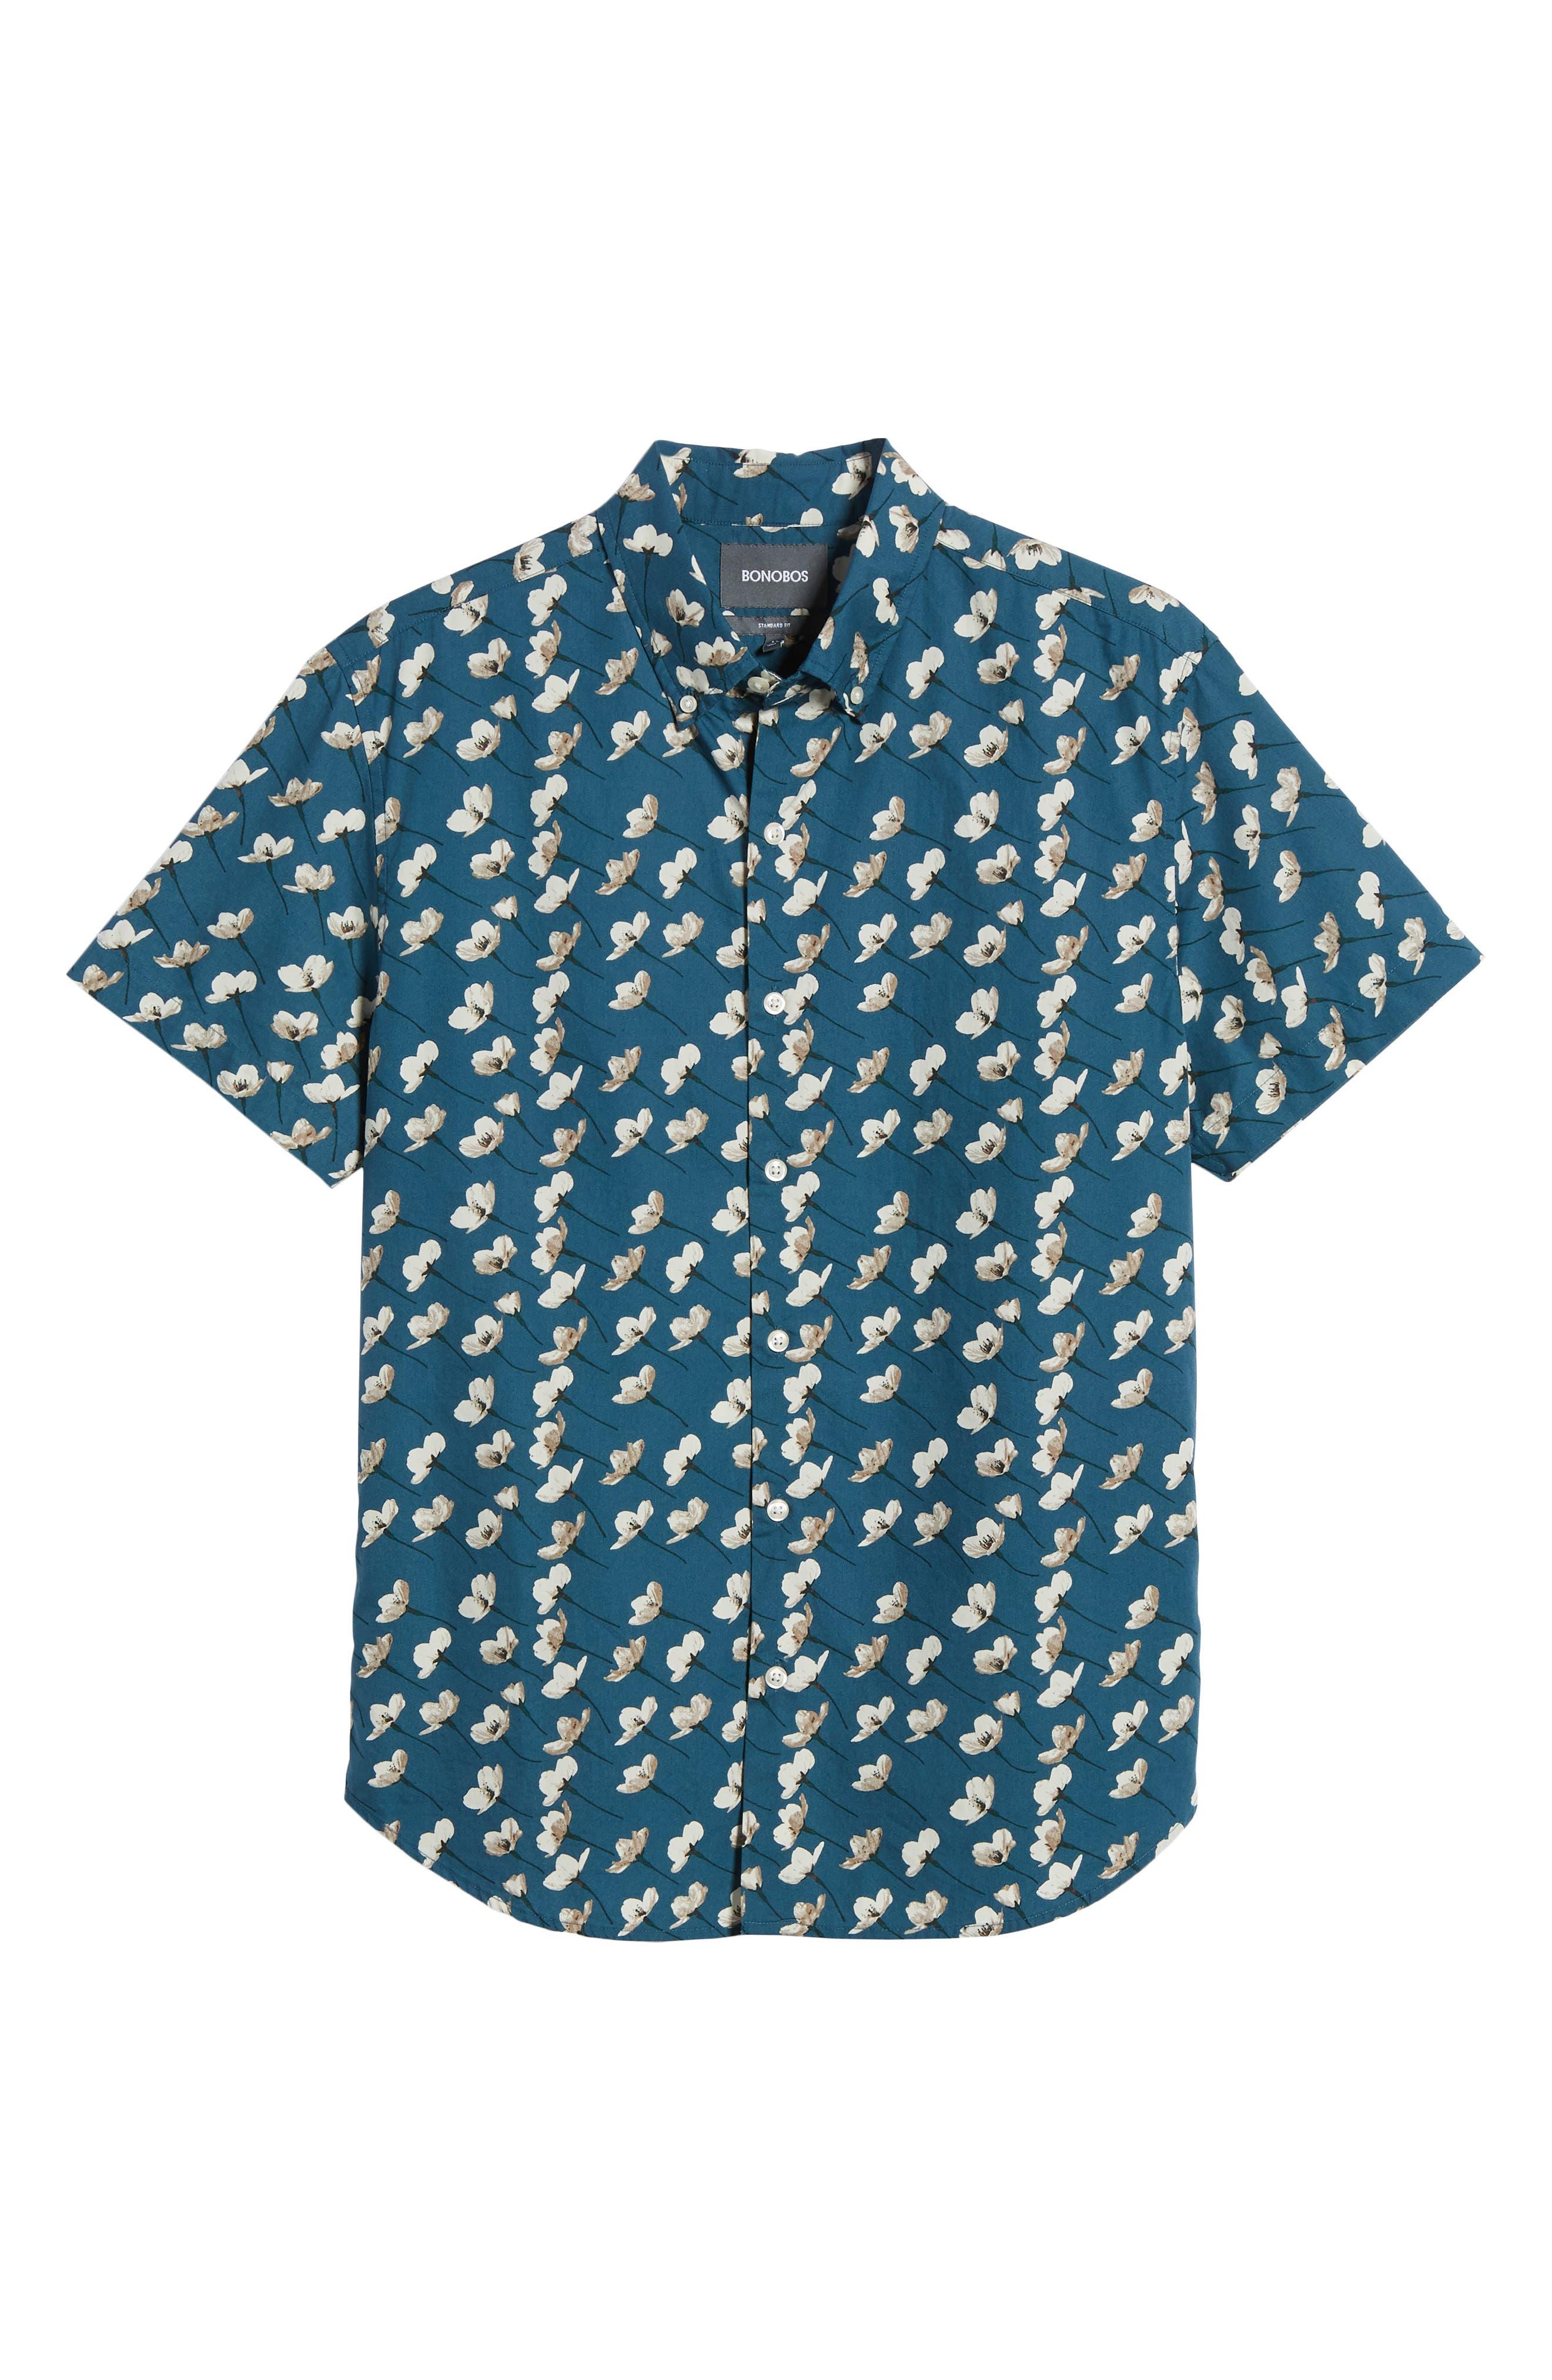 Riviera Slim Fit Cherry Blossom Print Sport Shirt,                             Alternate thumbnail 6, color,                             CHERRY BLOSSOMS-STARGAZER